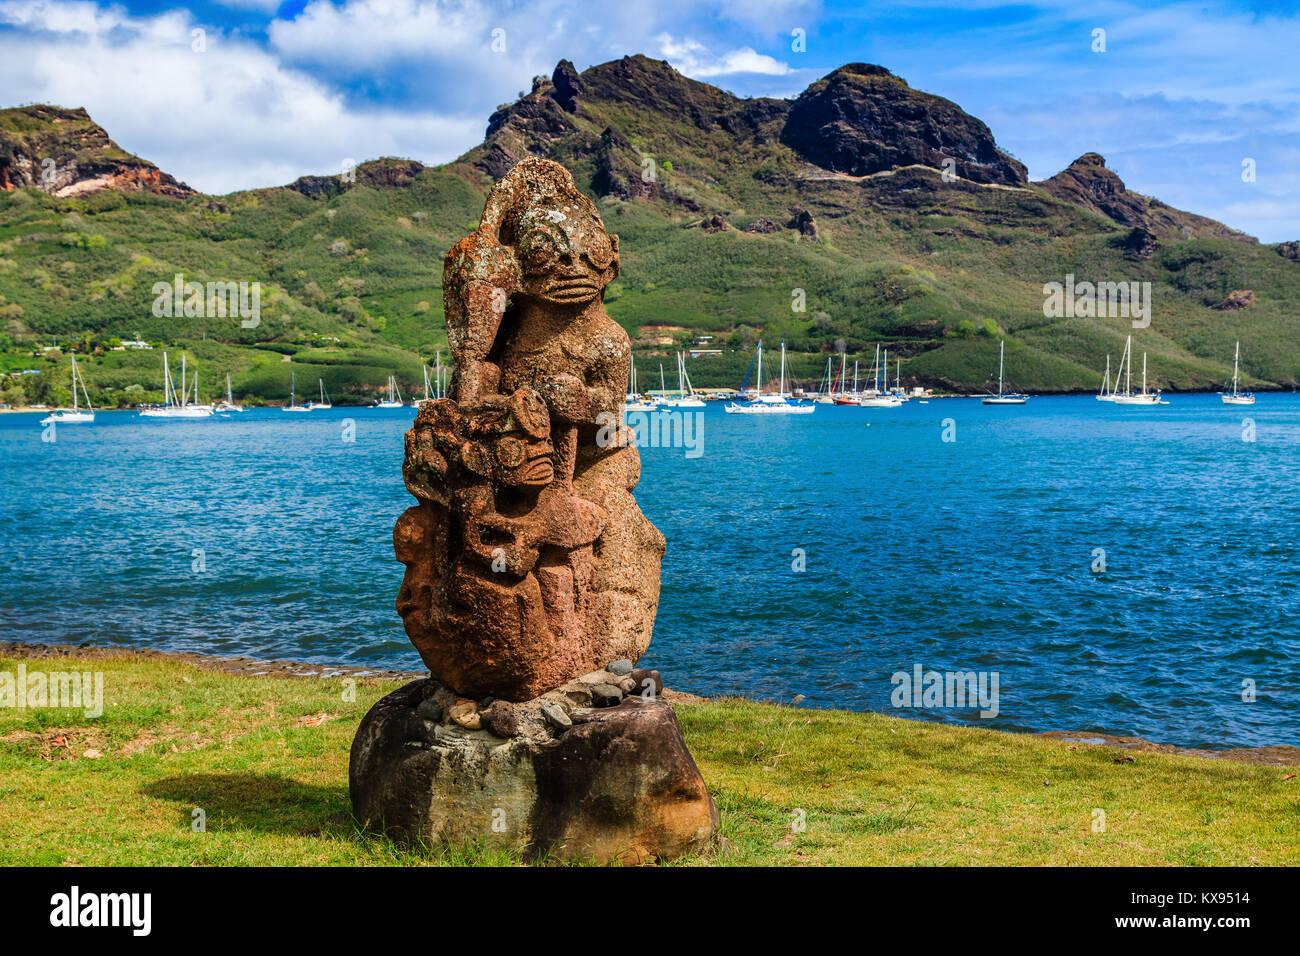 Nuku Hiva, Marquesas Islands. Tiki on the bay of Nuku Hiva. - Stock Image